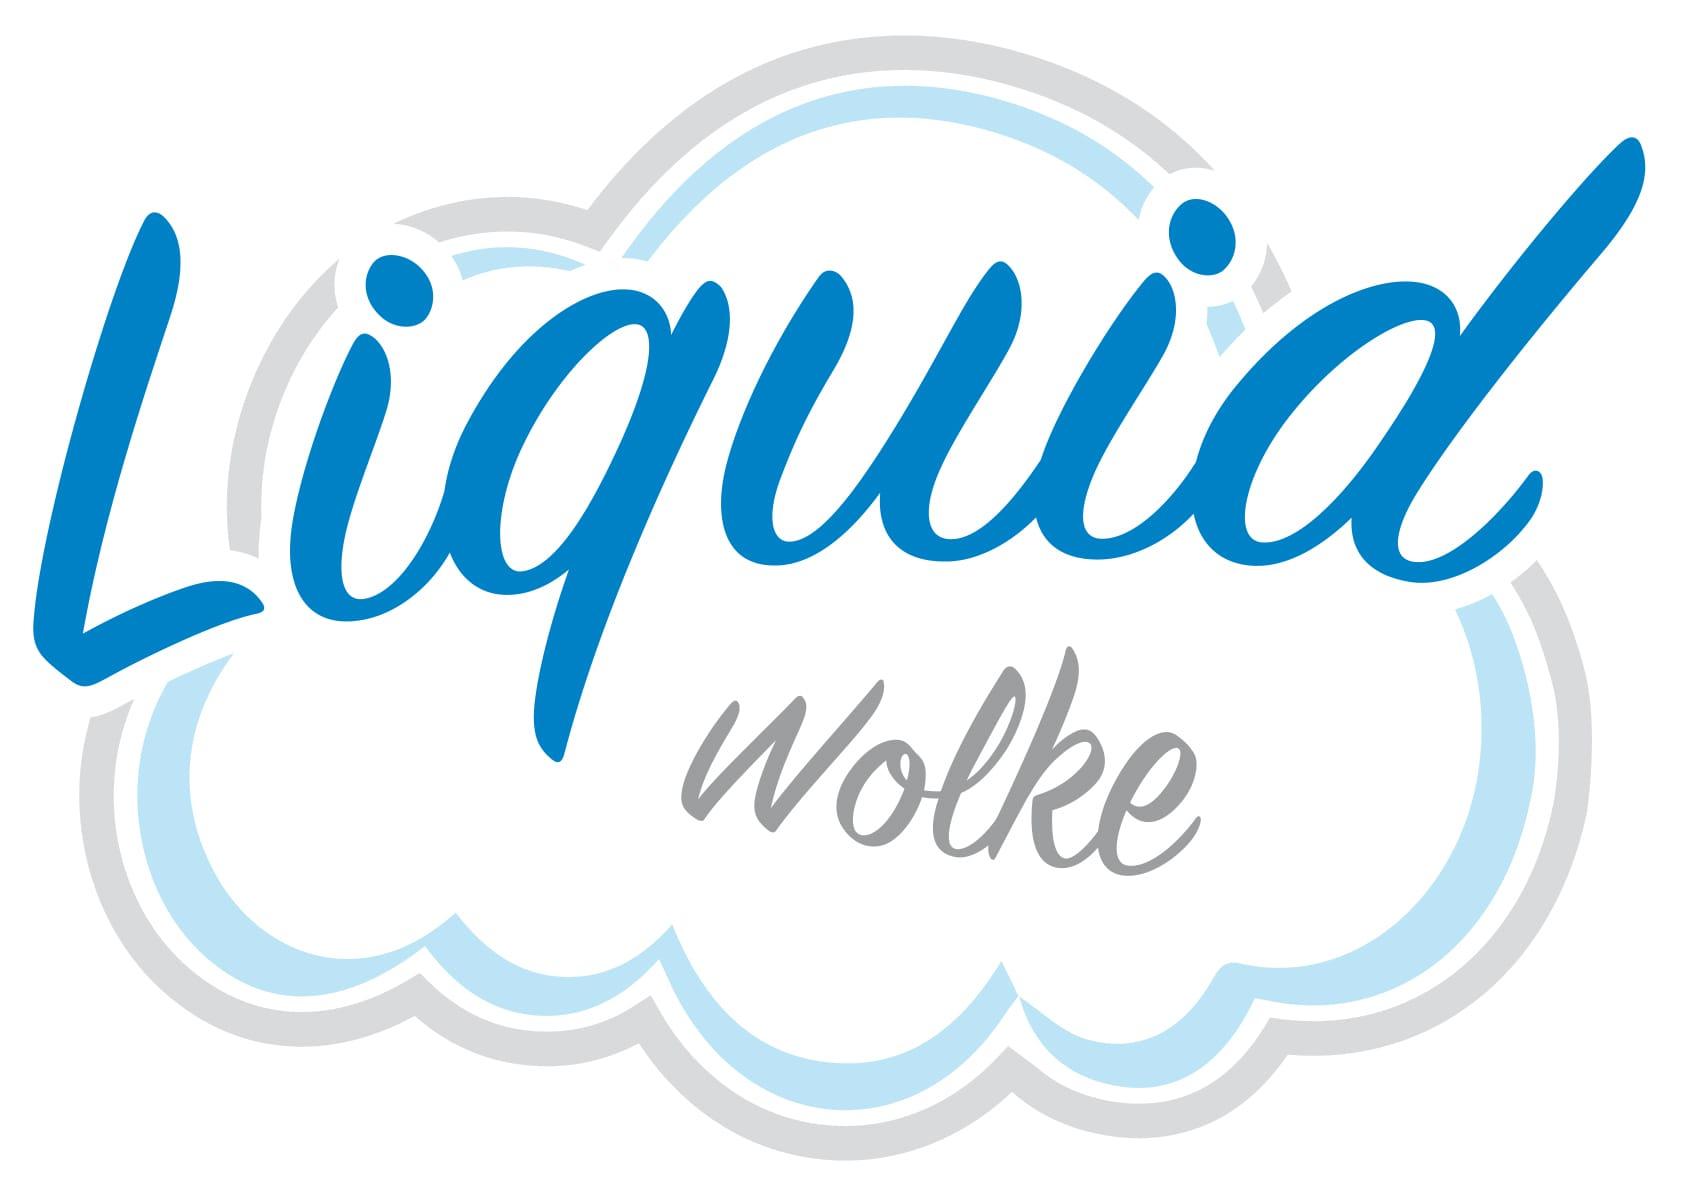 Liquidwolke Logo